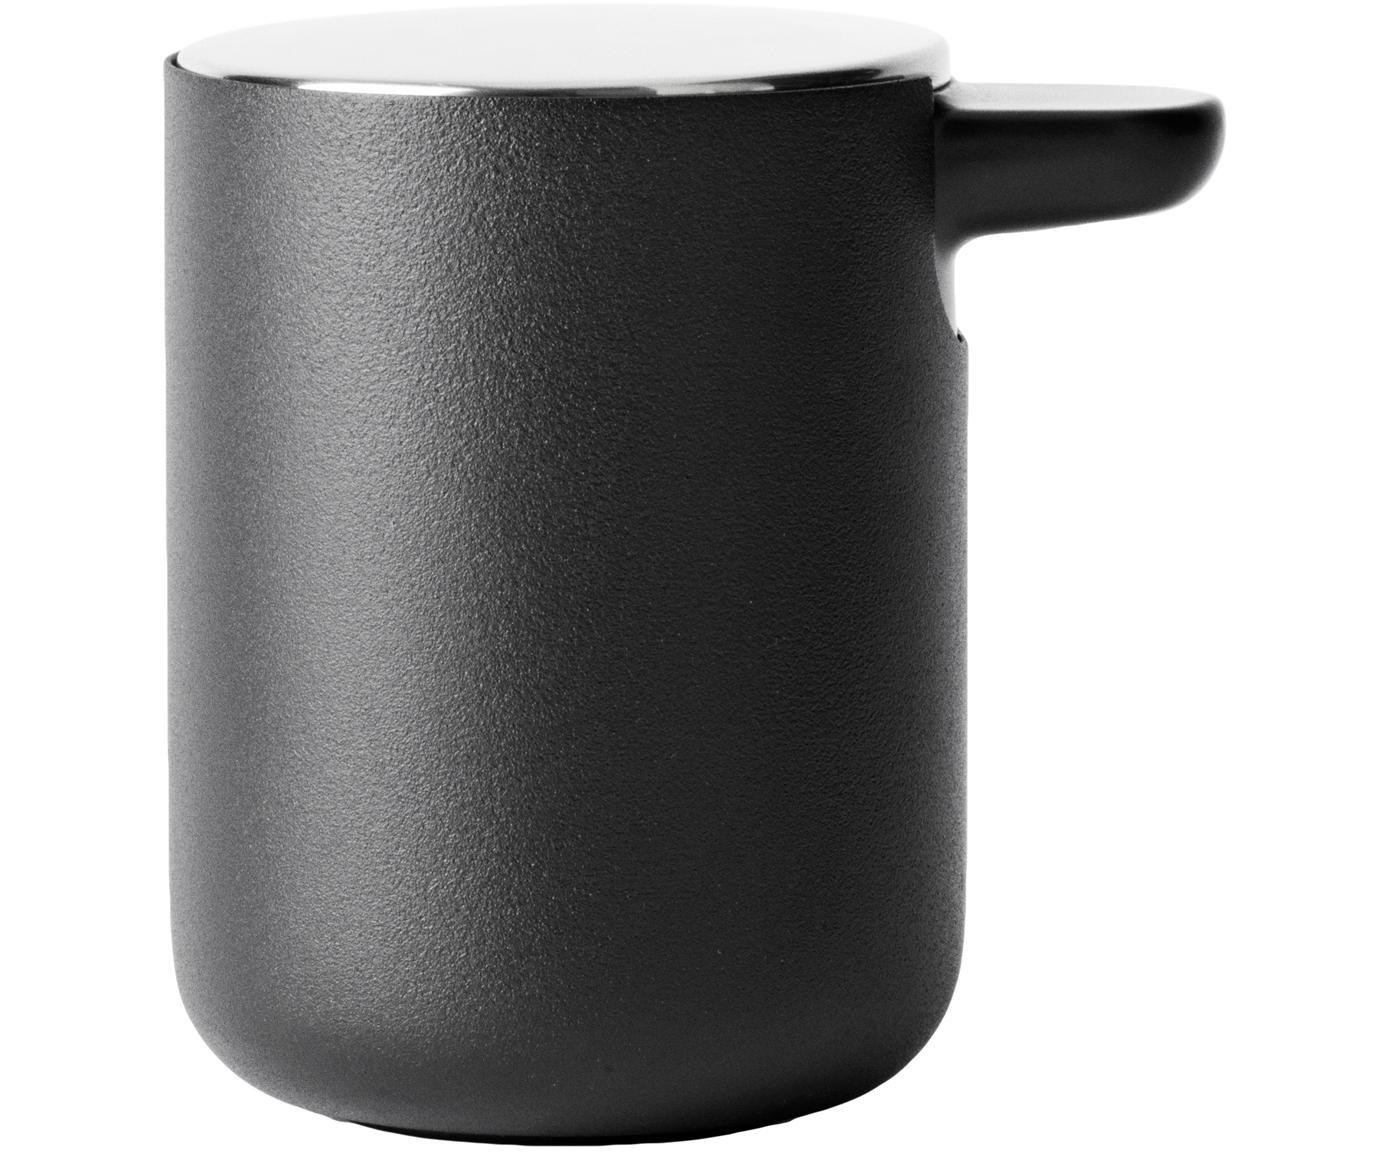 Dozownik do mydła z tworzywa sztucznego Matty, Metal, tworzywo sztuczne, Czarny, Ø 11 x W 11 cm